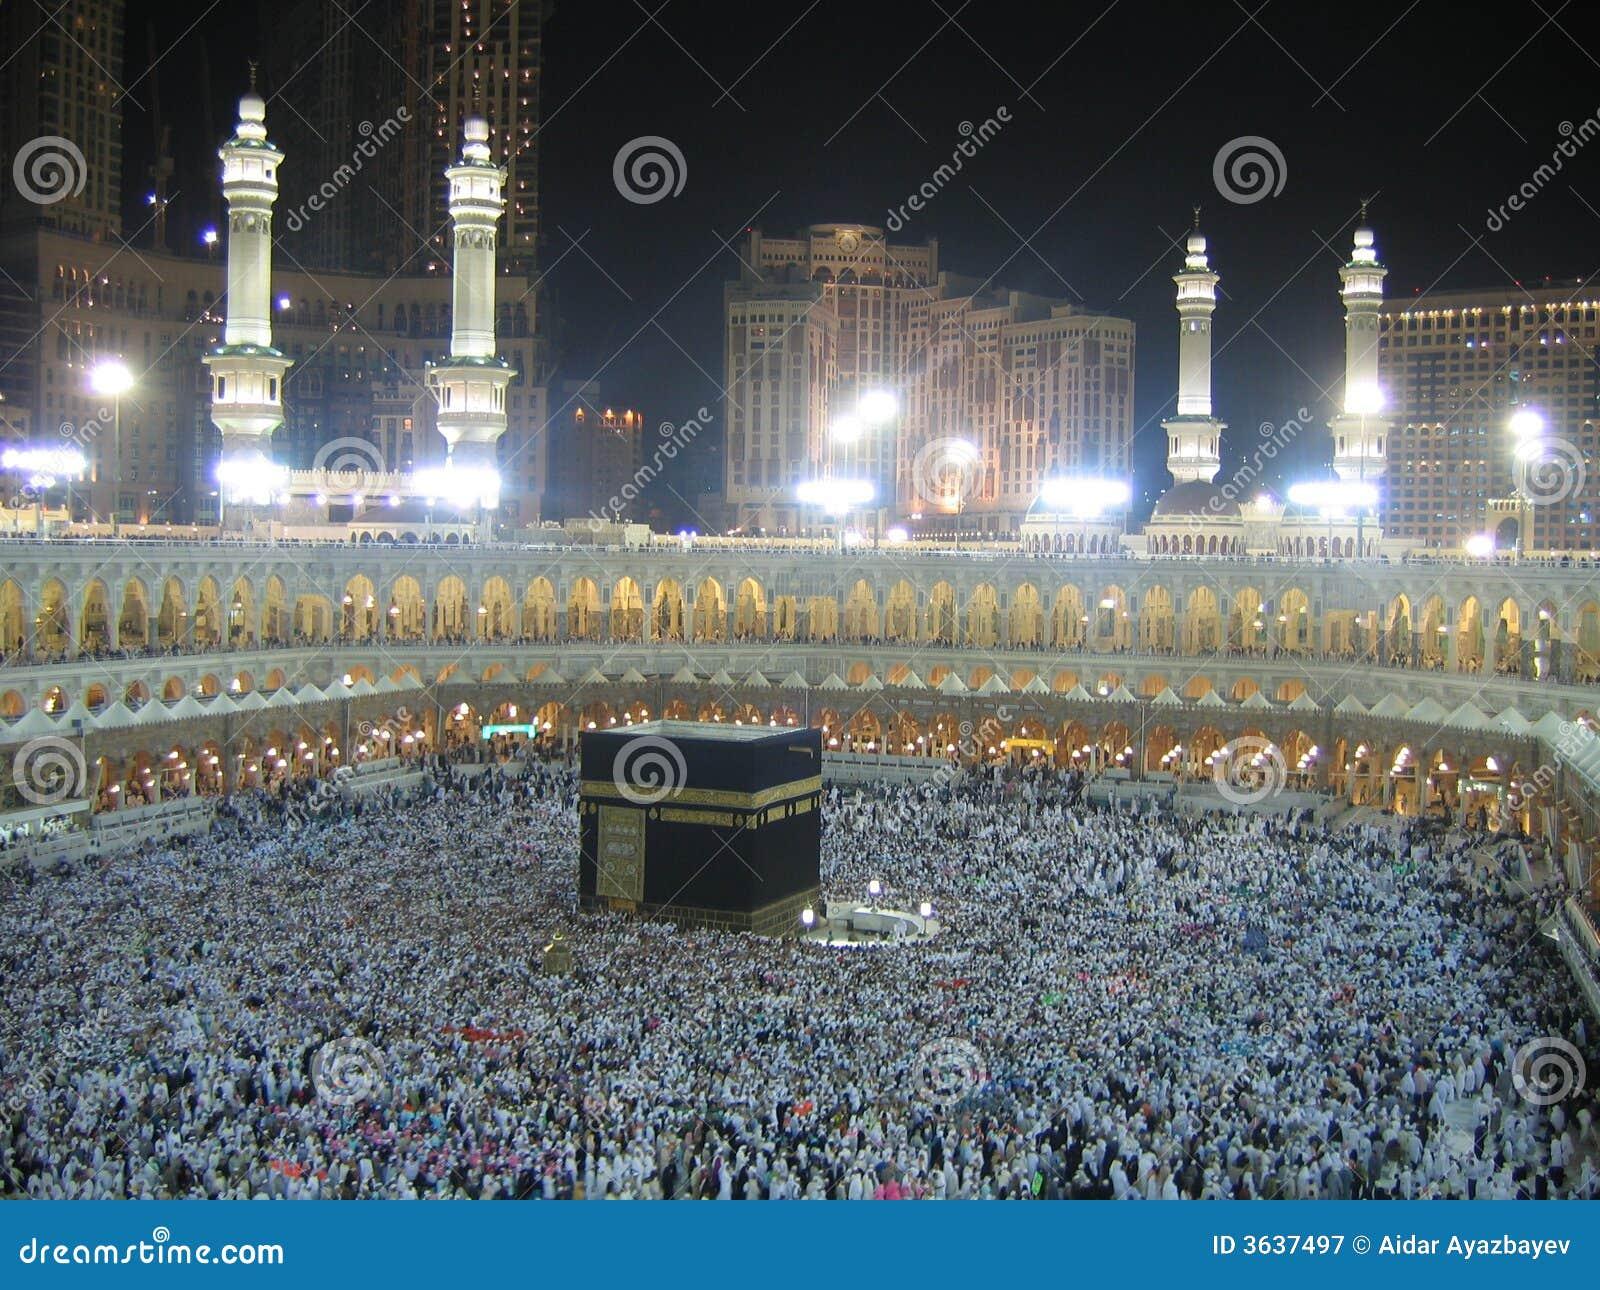 Acebo Kaaba